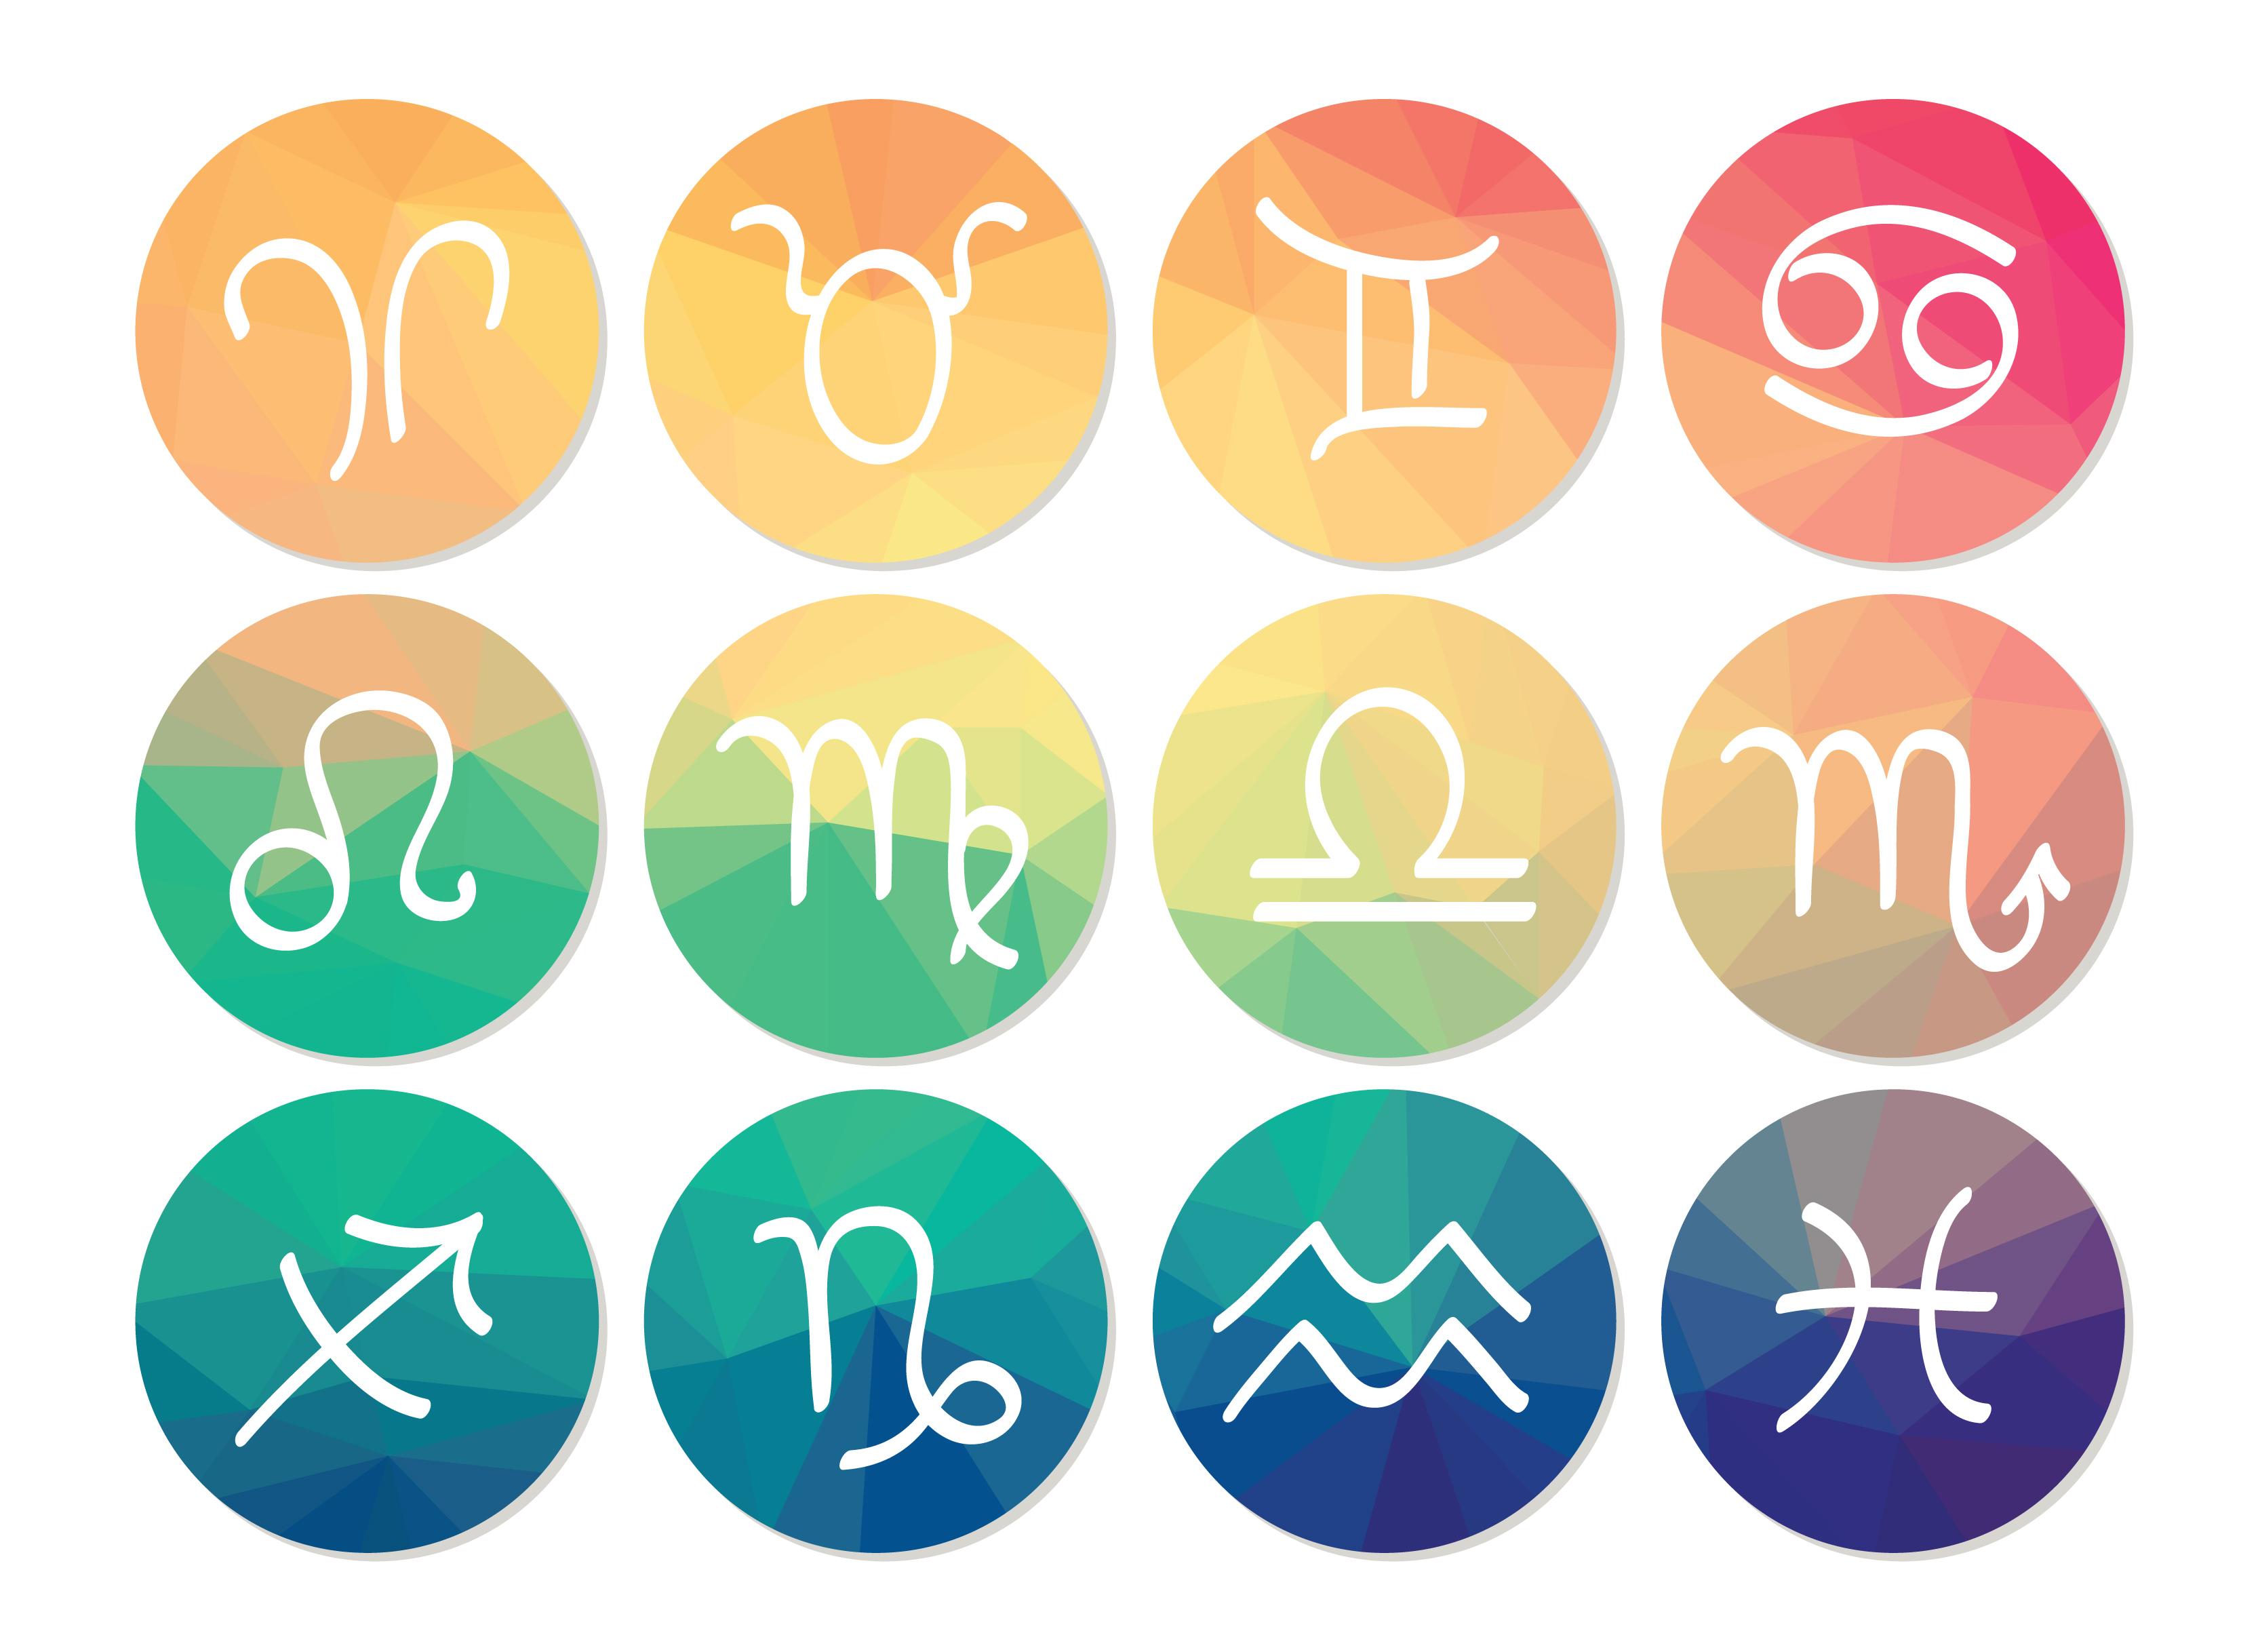 Hvad er dit stjernetegn